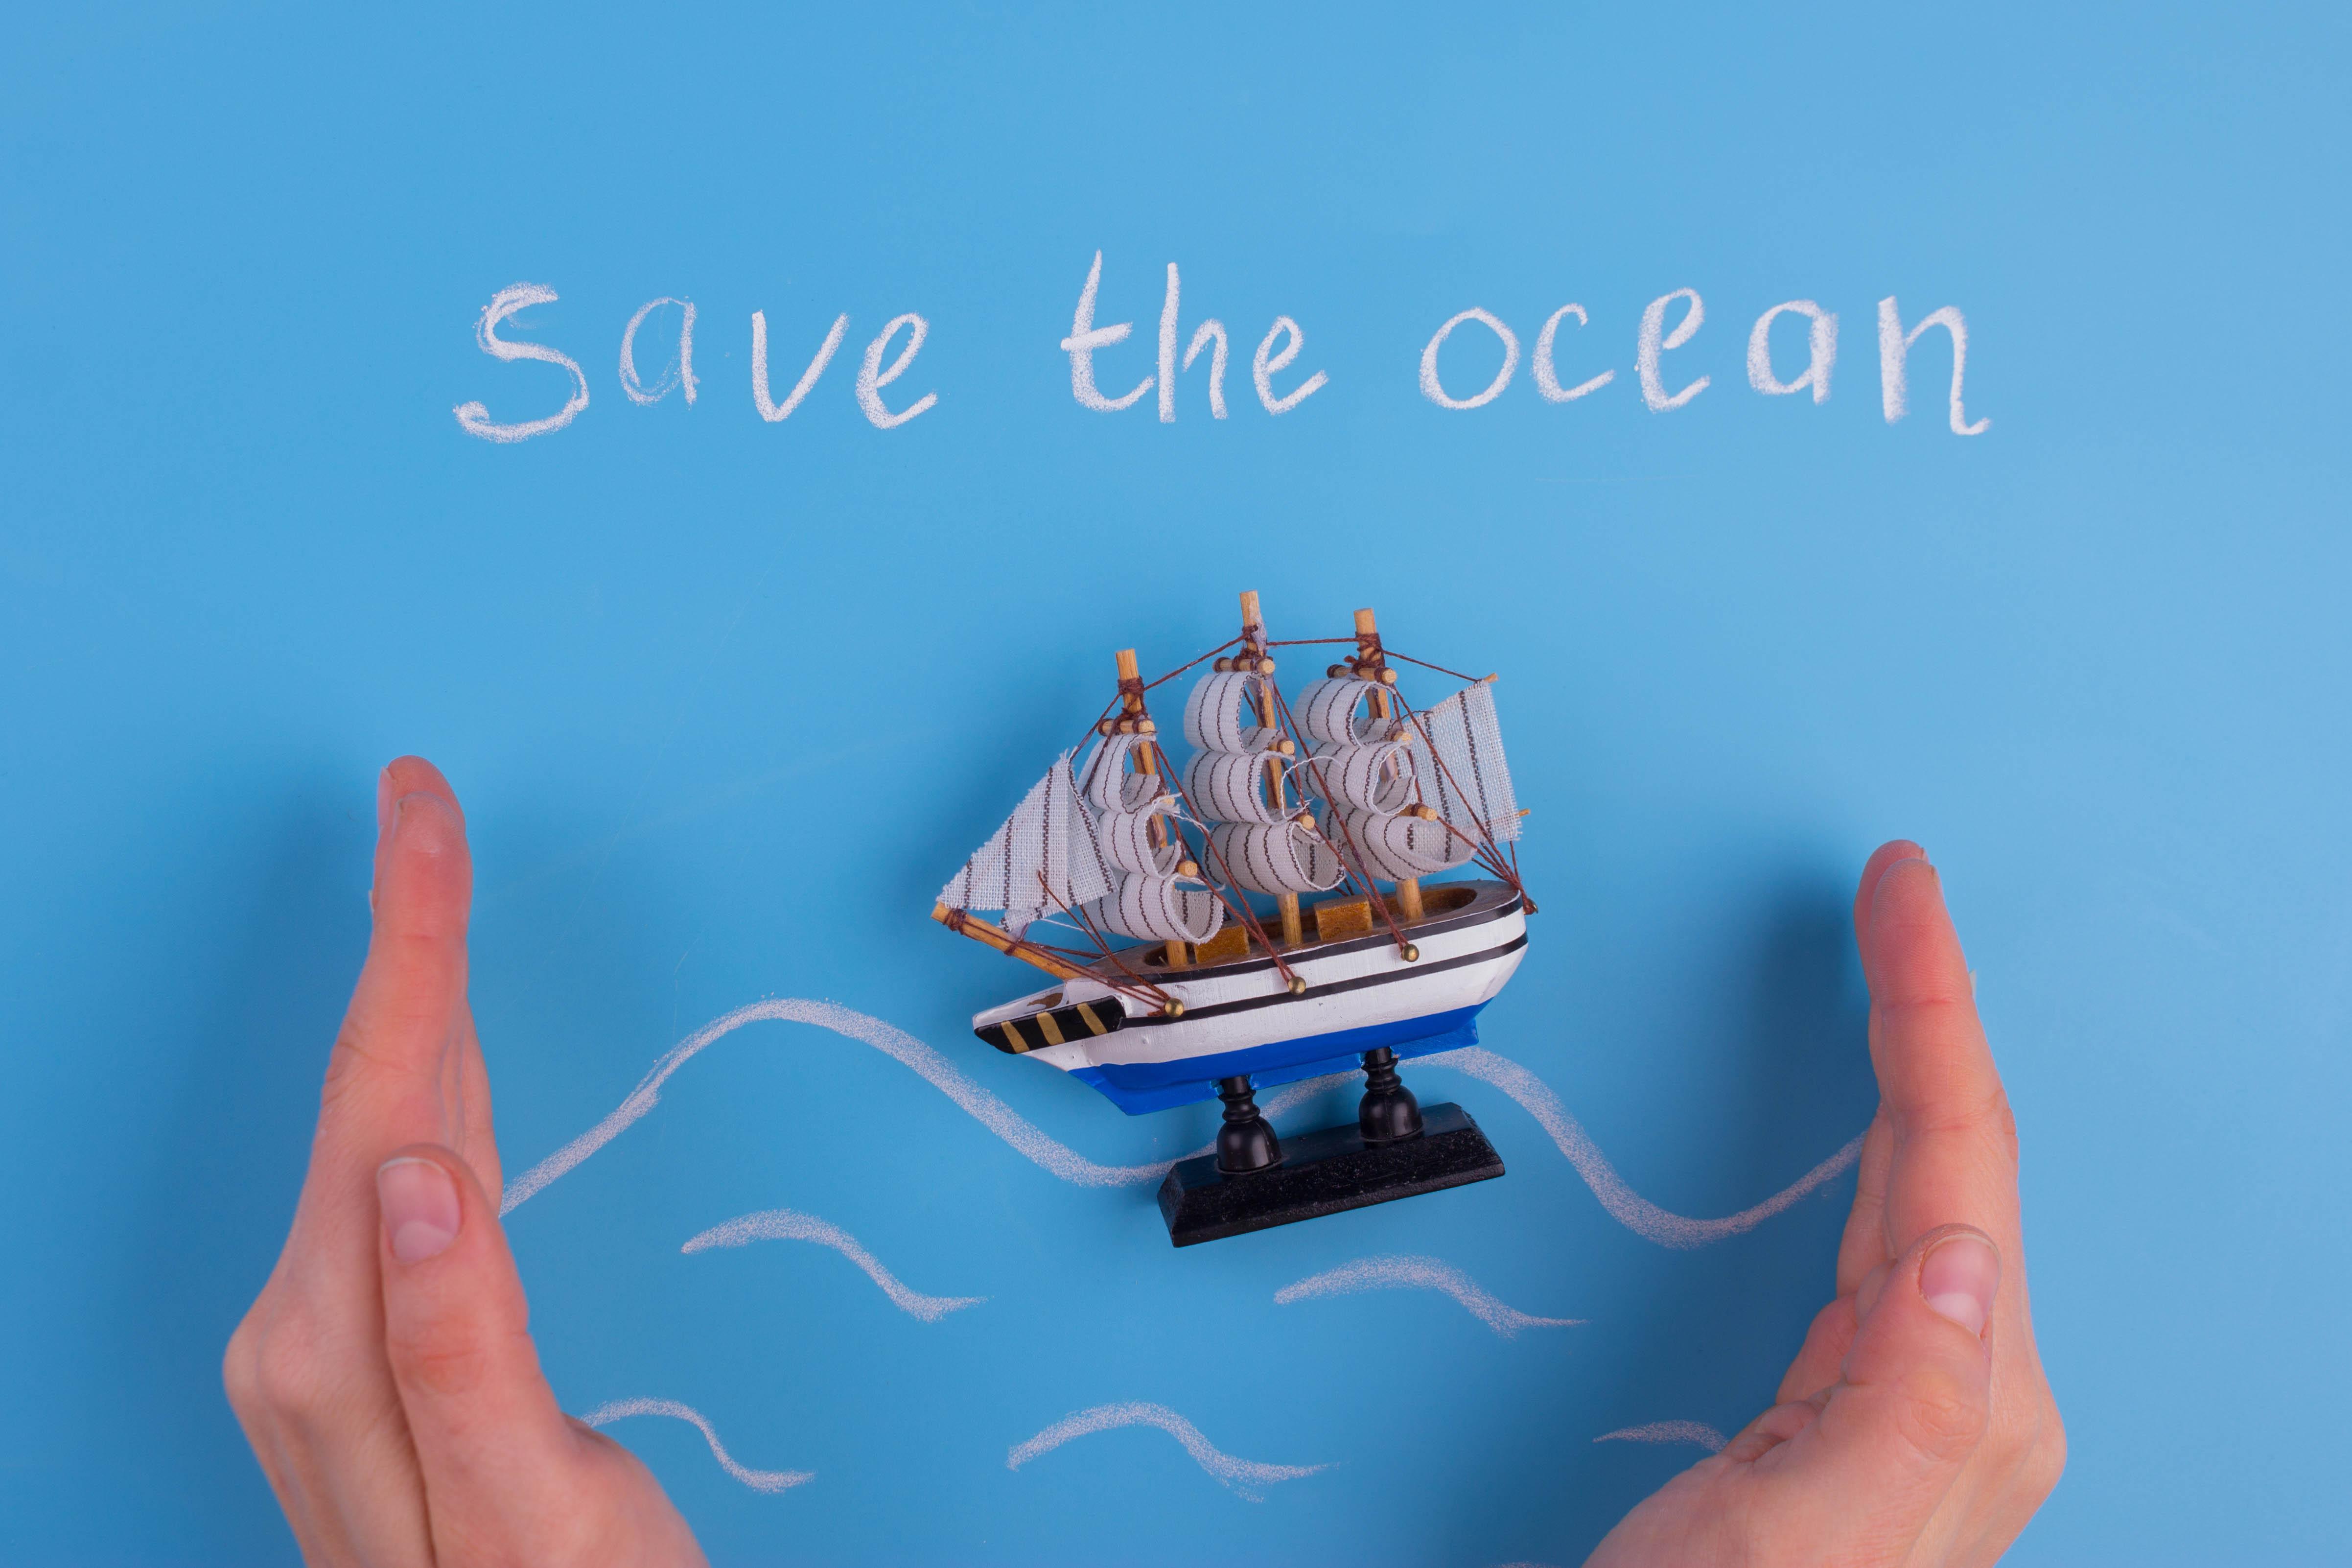 公民科學家-拯救海洋,人多力量大